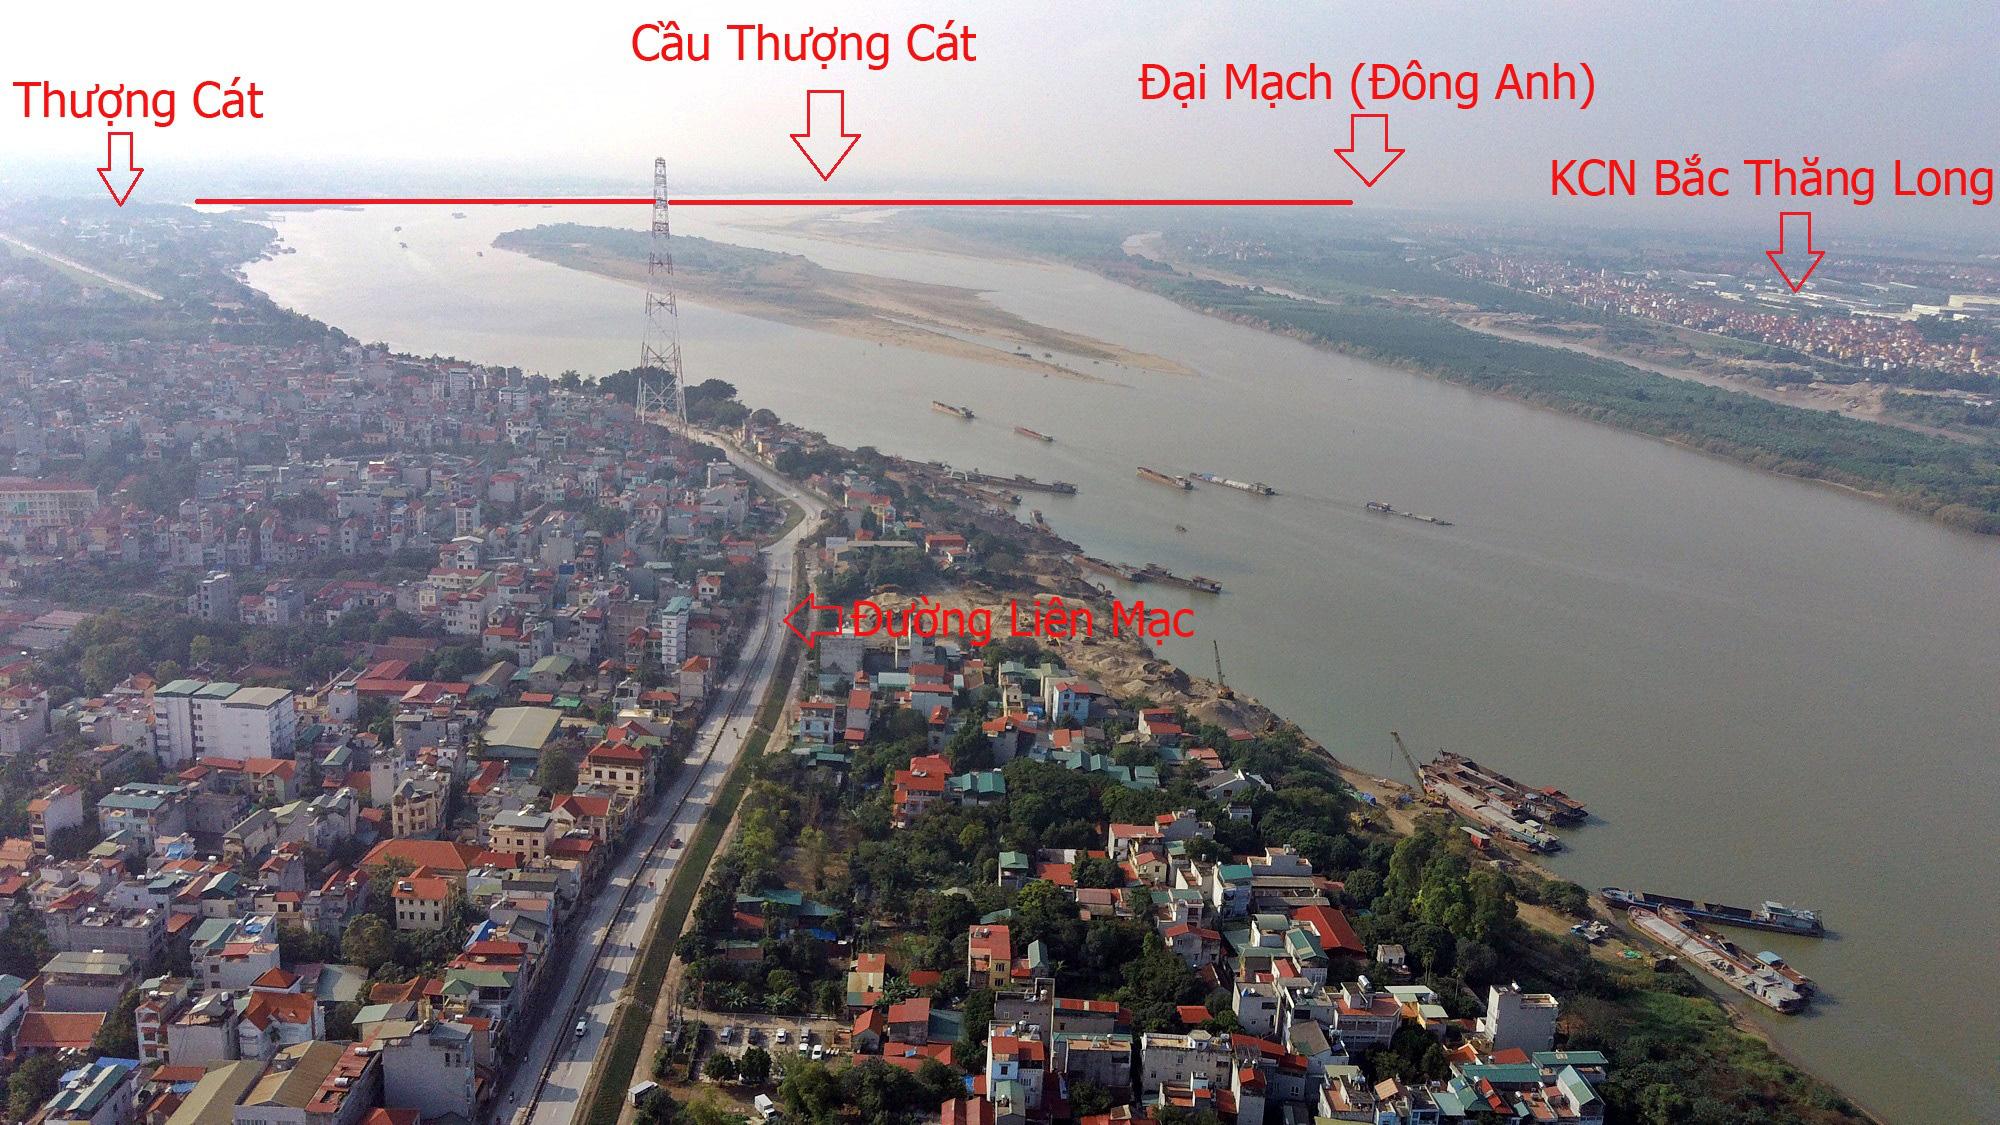 Cầu sẽ mở theo qui hoạch ở Hà Nội: Toàn cảnh cầu Thượng Cát nối Bắc Từ Liêm với Đông Anh - Ảnh 17.